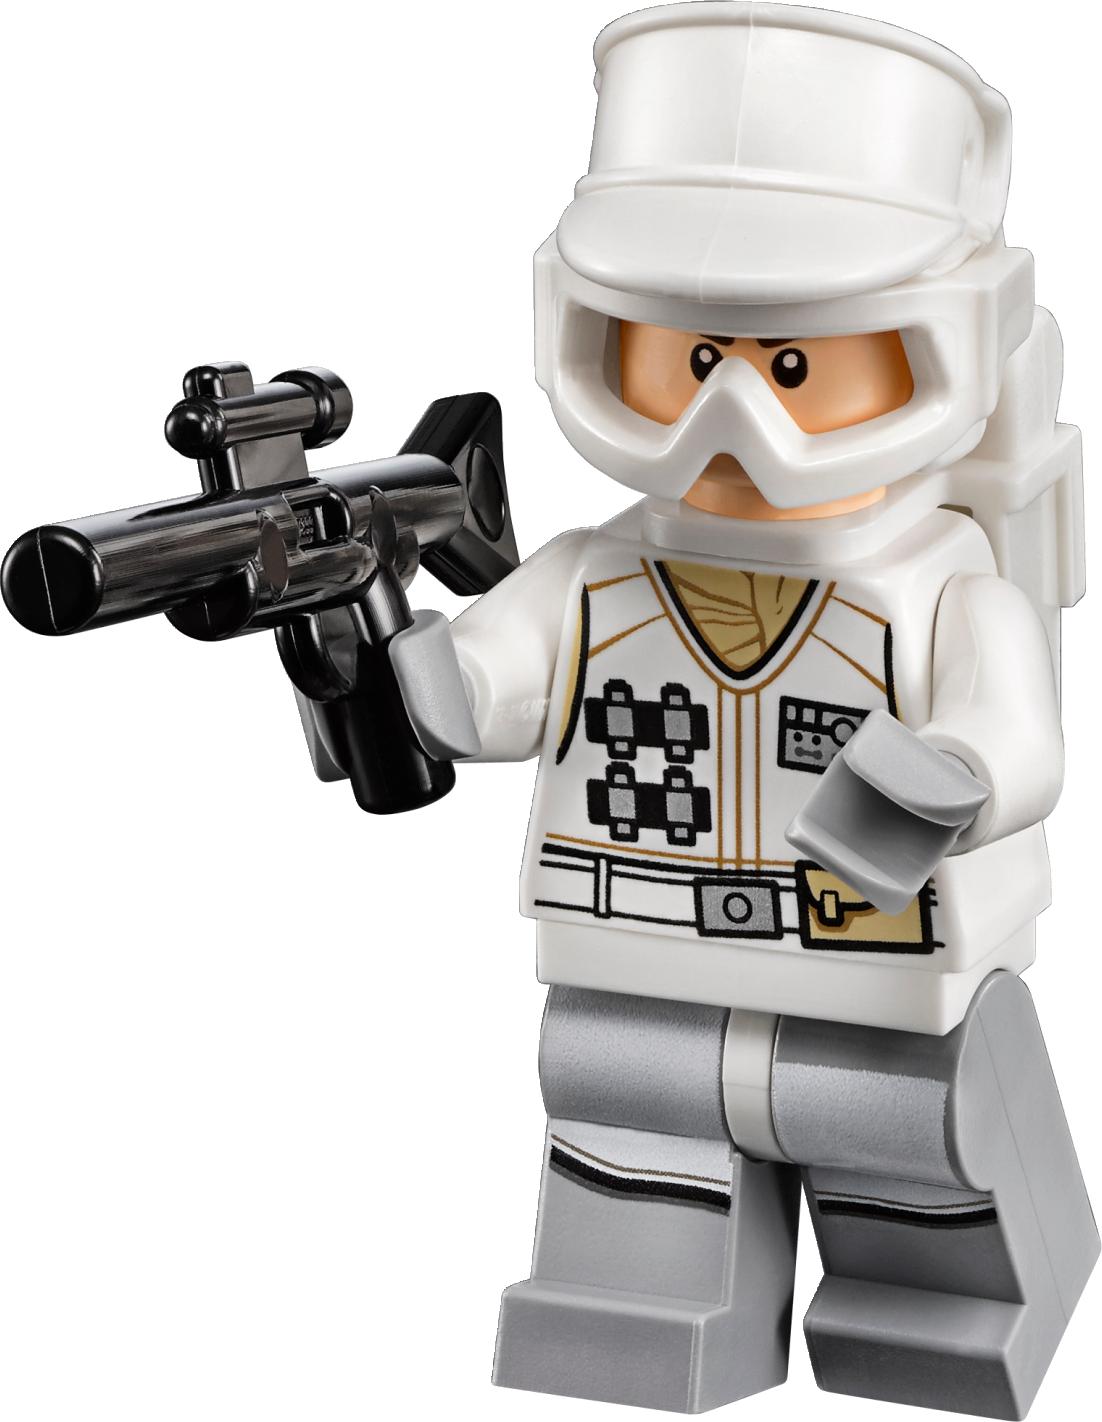 Hoth™ Attack